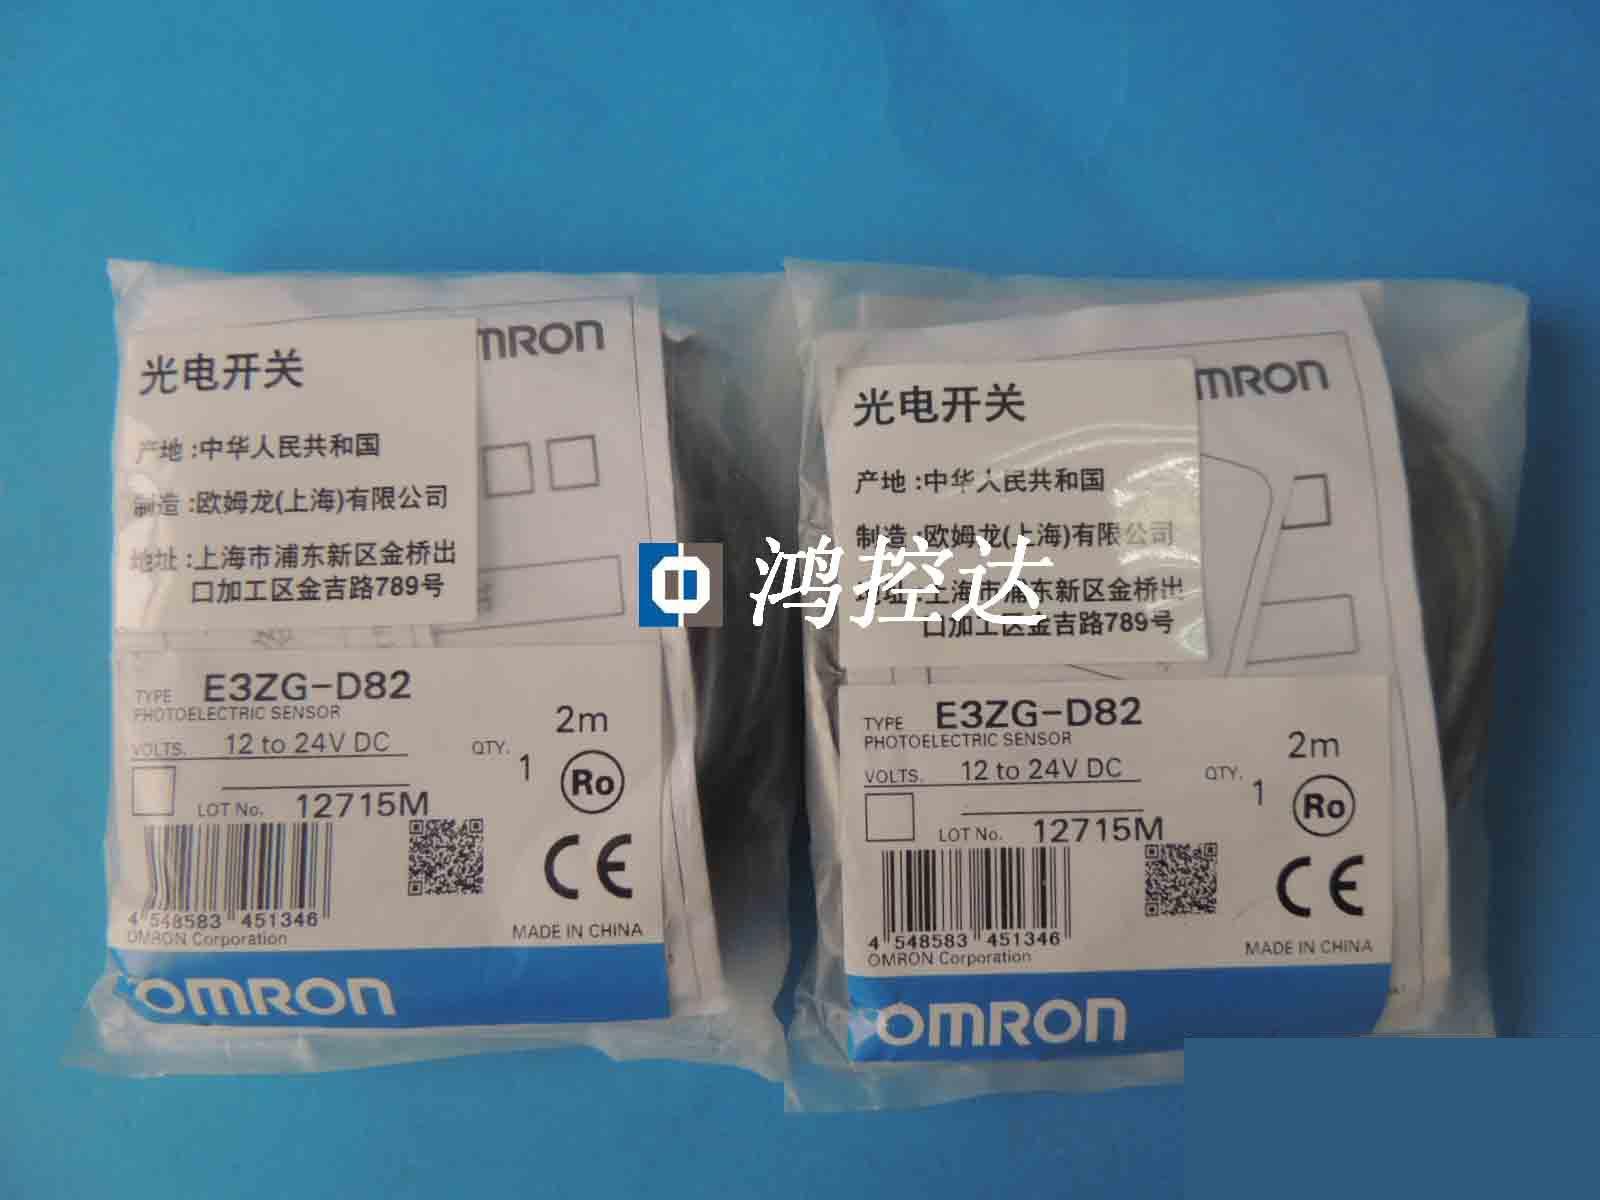 Nouveau interrupteur photoélectrique Omron E3ZG-D82 2 M